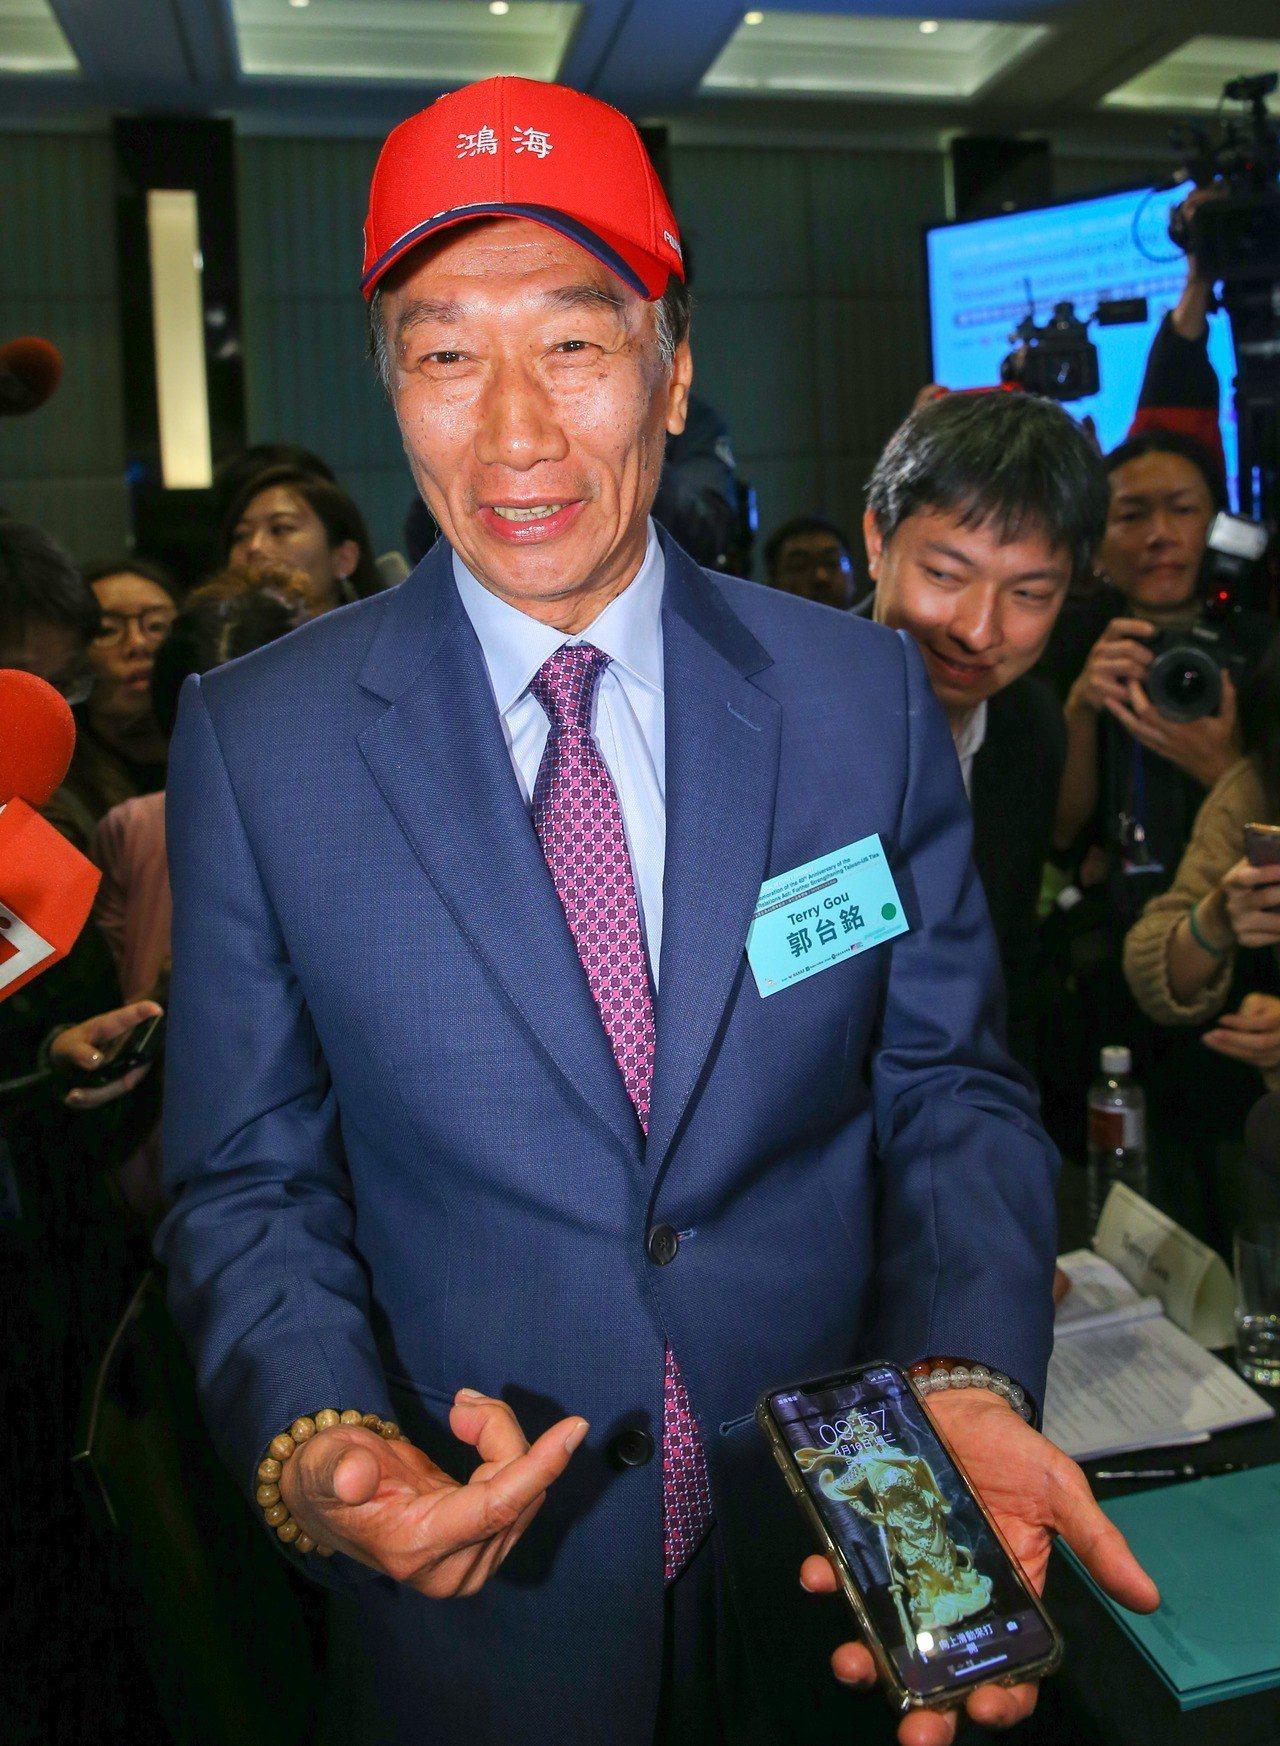 鴻海董事長郭台銘今天出席印太論壇,媒體提問「是否考慮選總統」,他說,「參選總統將...